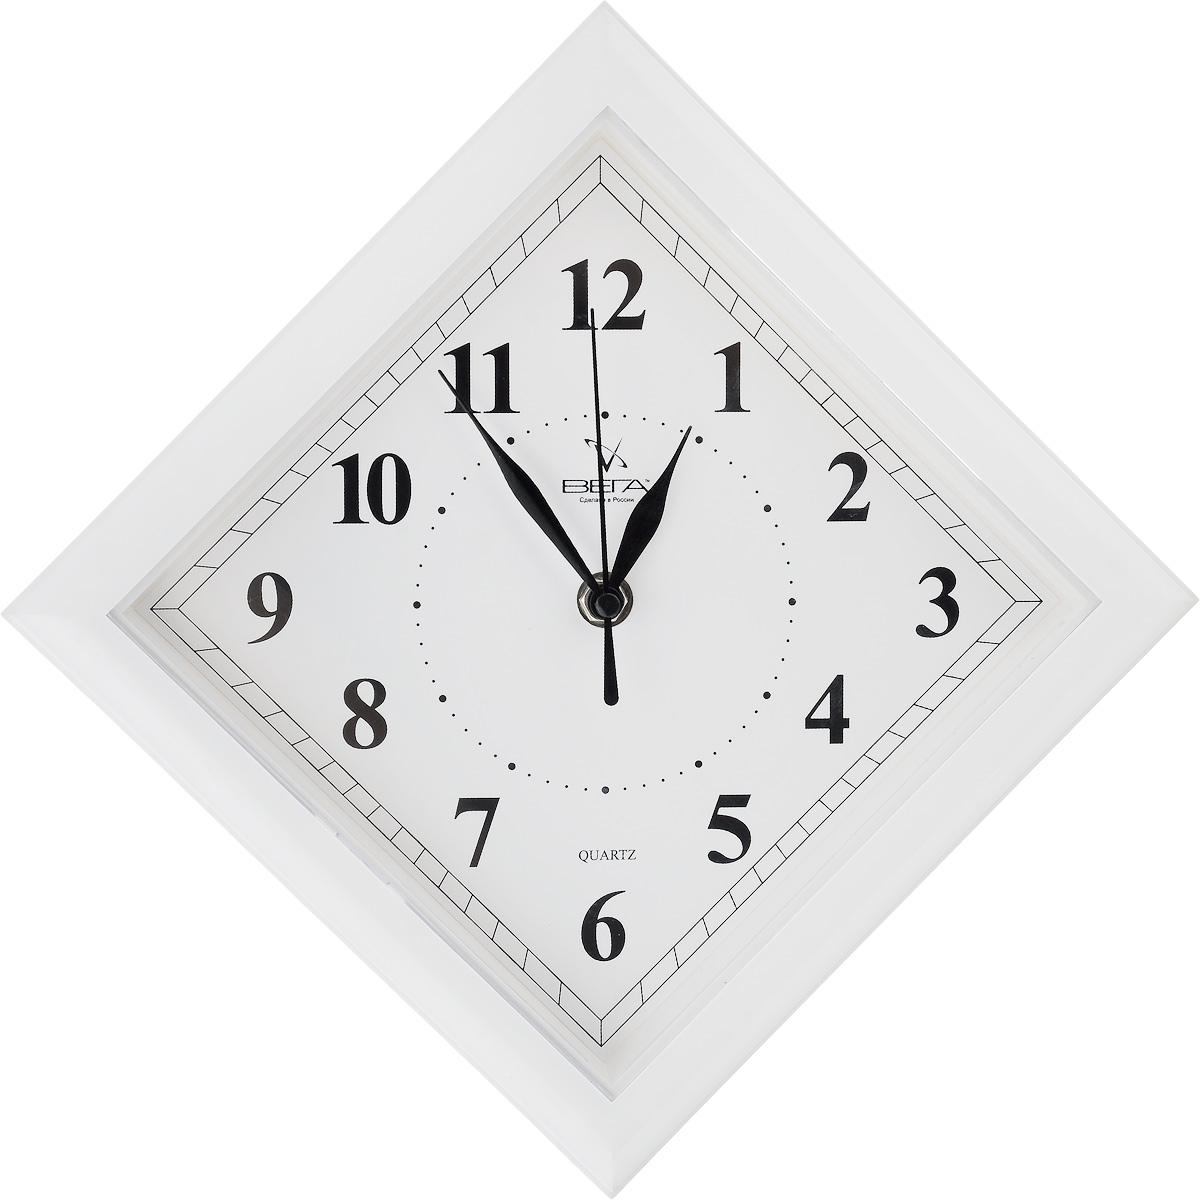 Часы настенные Вега Классика. Ромб, цвет: белый, 20,6 х 20,6 х 4 смП3-7-51Настенные кварцевые часы Вега Классика. Ромб в классическом дизайне,изготовленные из пластика, прекрасно впишутся в интерьервашего дома. Часы имеют три стрелки: часовую,минутную и секундную, циферблат защищен прозрачнымпластиком.Часы работают от 1 батарейки типа АА напряжением 1,5 В (не входит в комплект).